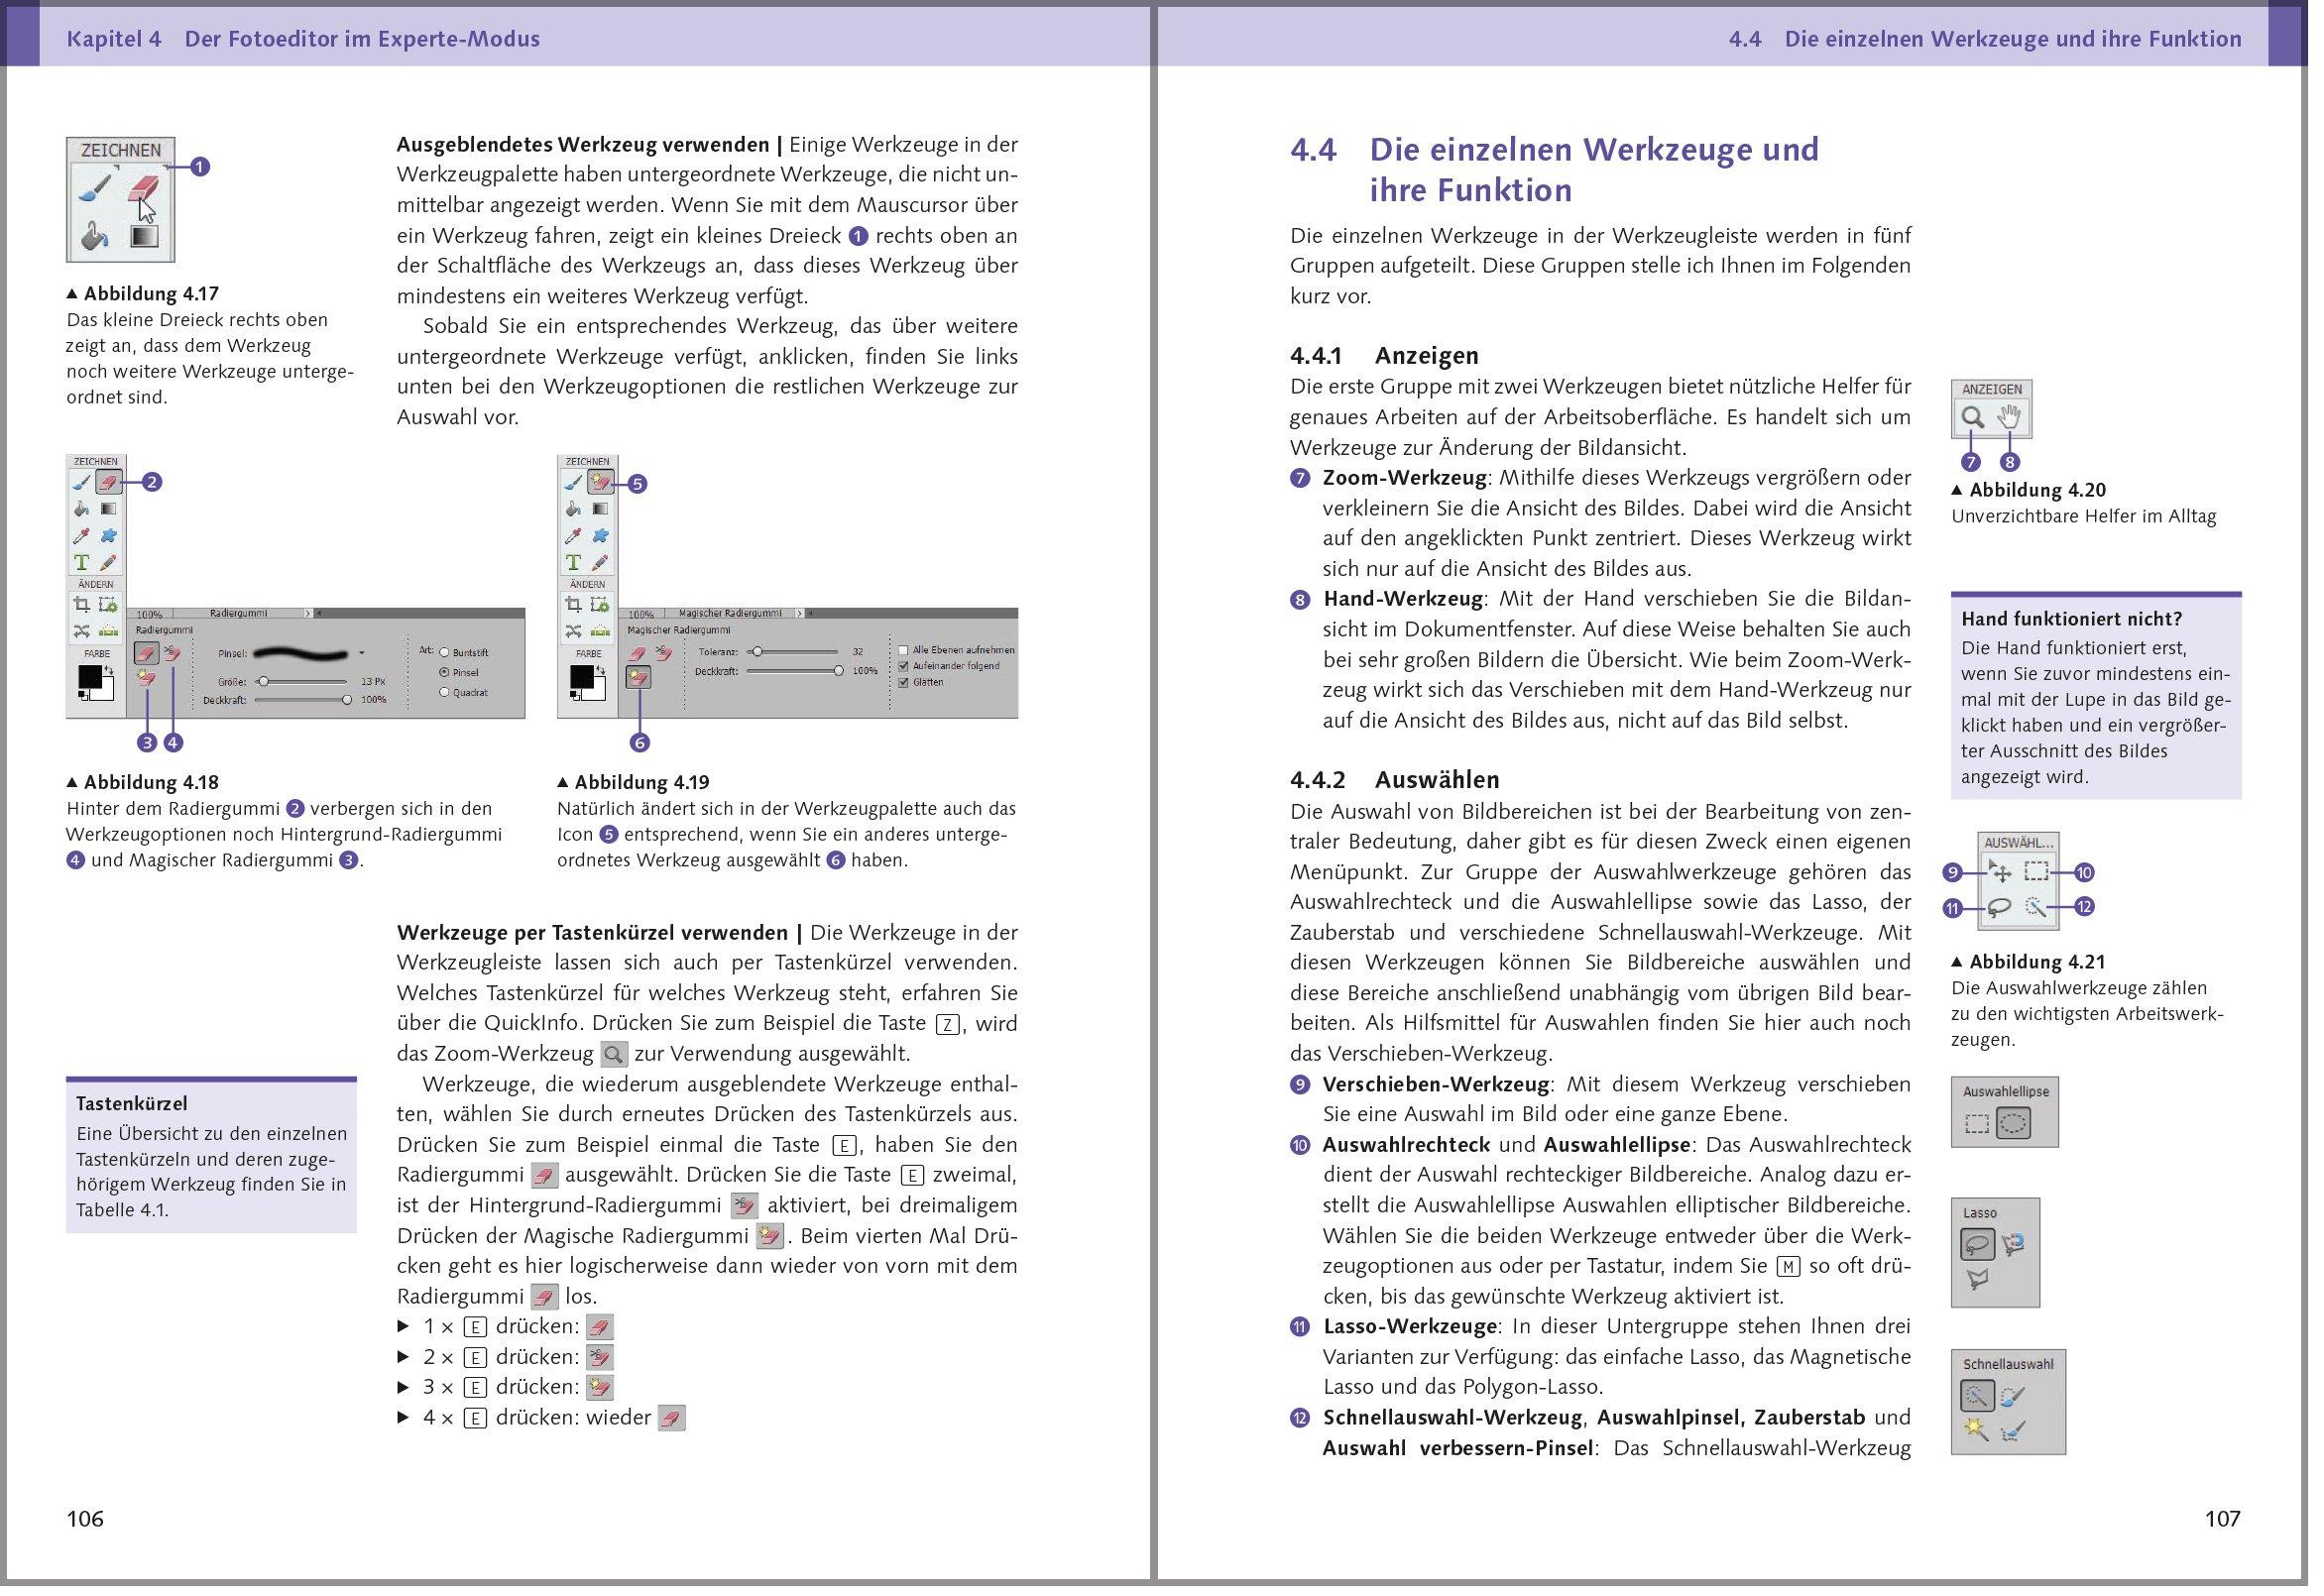 Photoshop Elements 15: Das umfassende Handbuch: Amazon.de: Jürgen ...